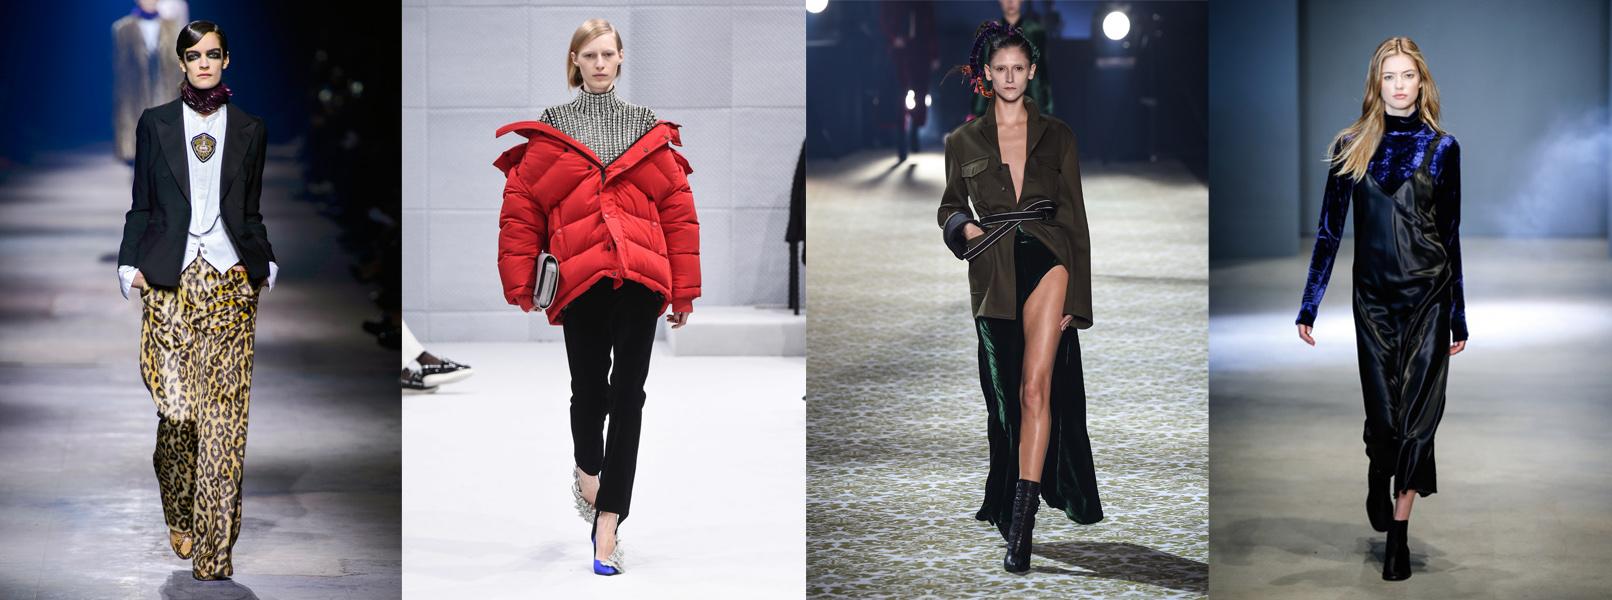 Die Modetrends Winter 2016/17 im Überblick Modepilot